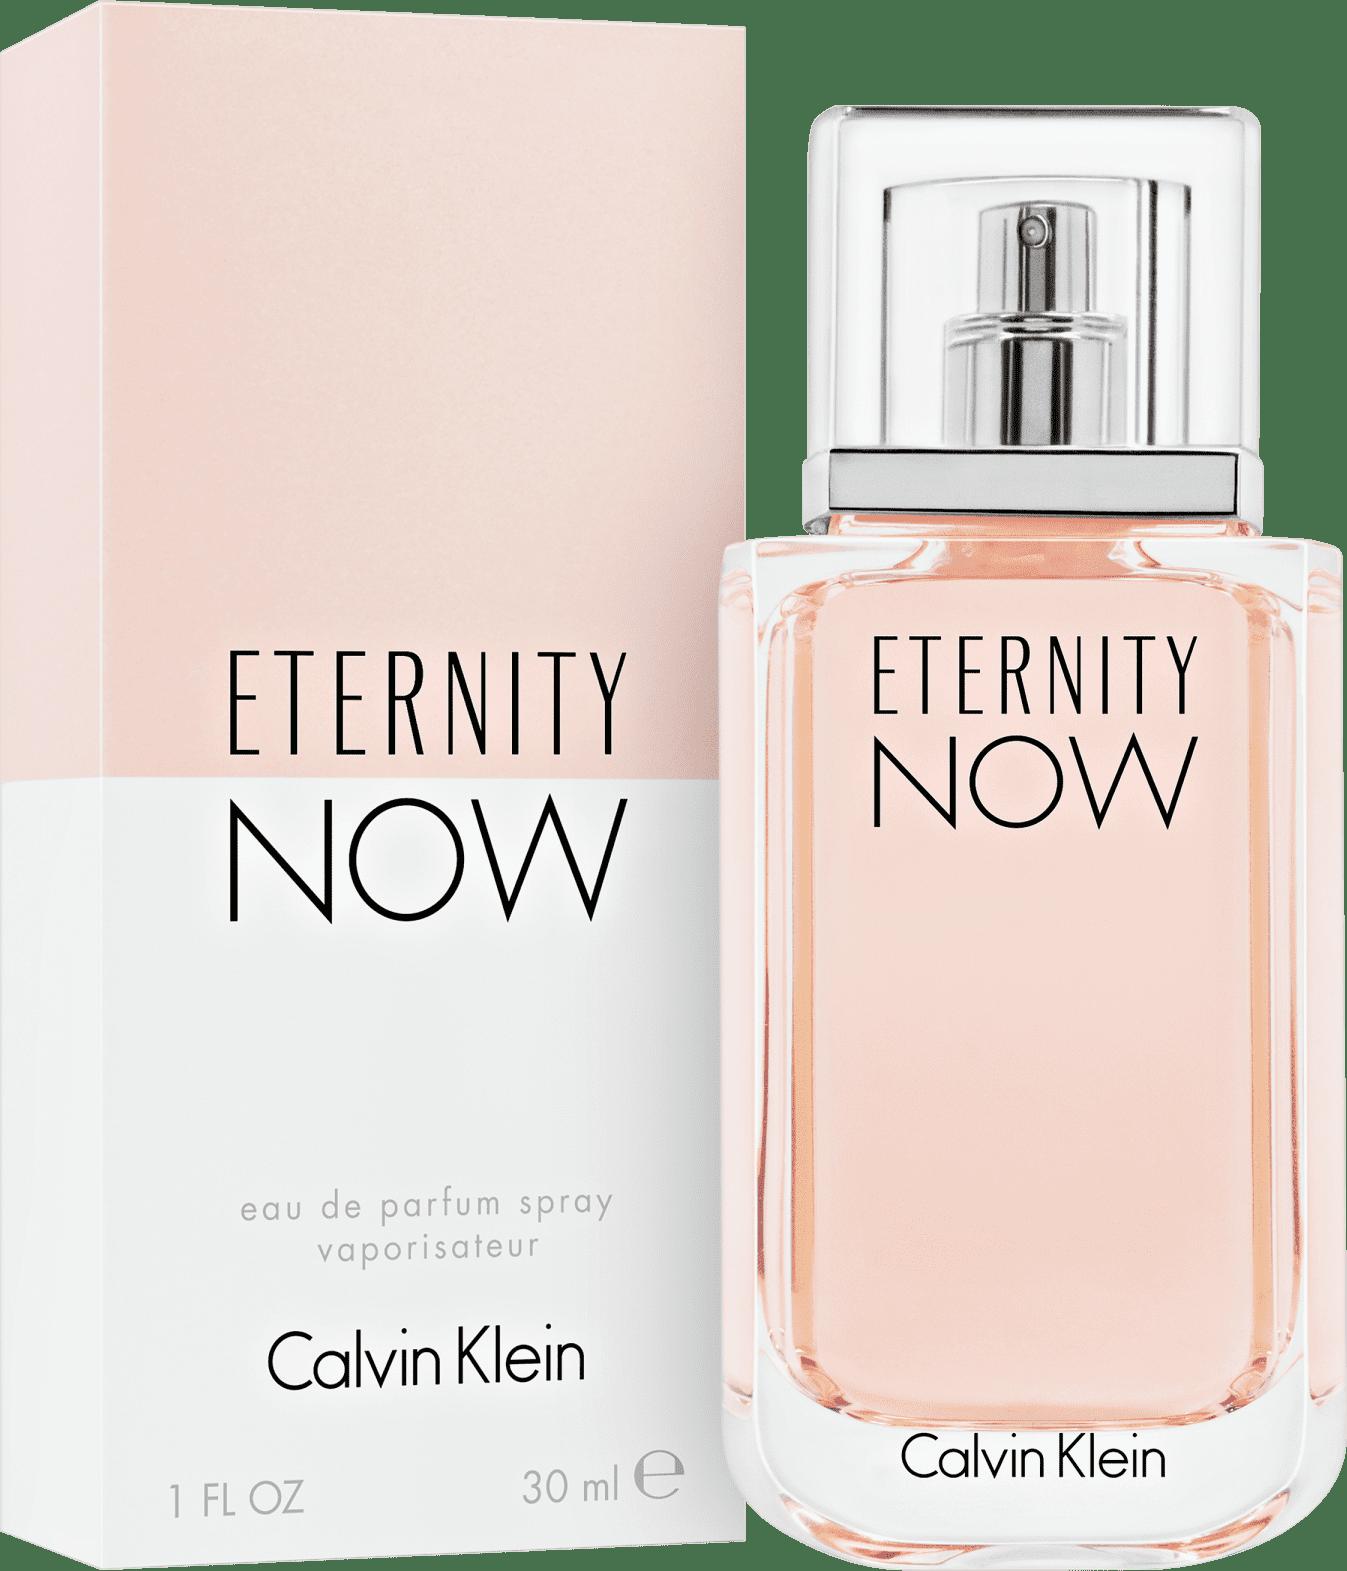 4f8934135 Eternity Now Calvin Klein Eau de Parfum - Perfume Feminino 30ml